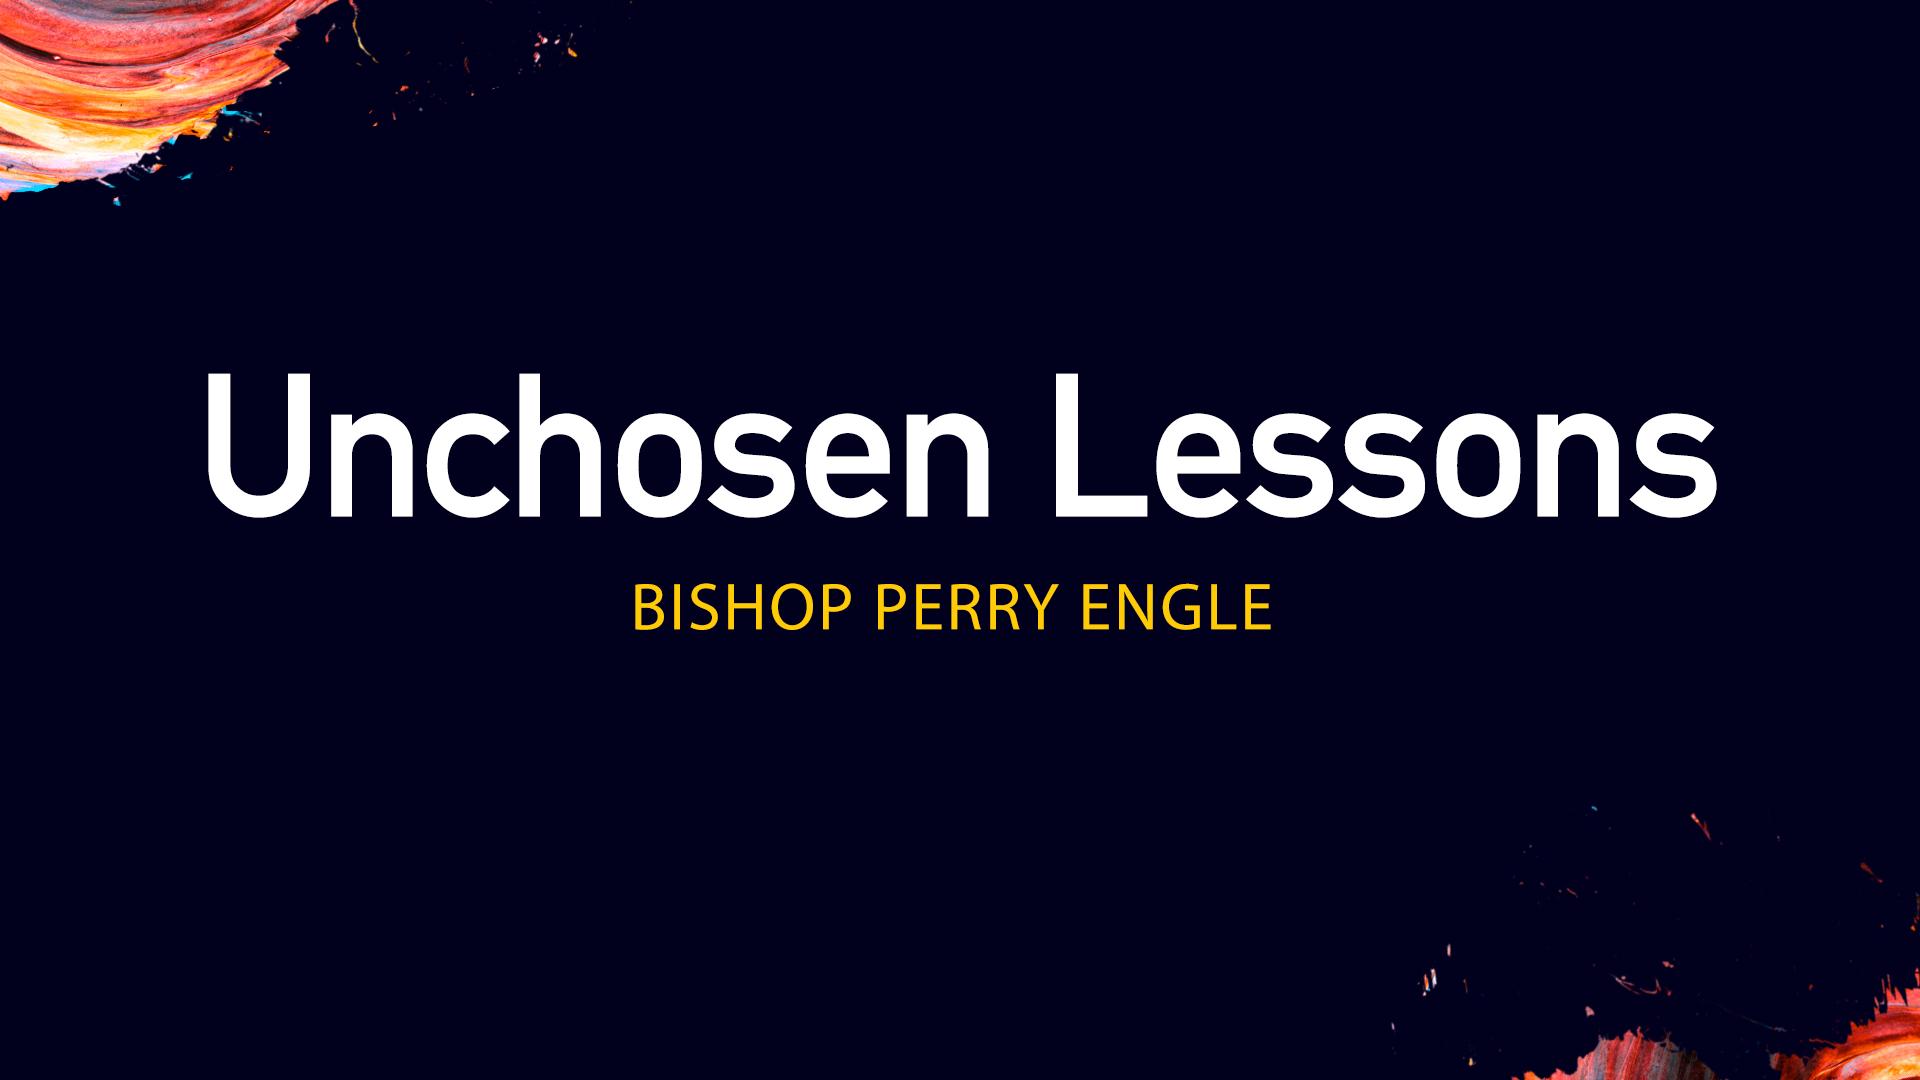 unchosen lessons full screen.jpg